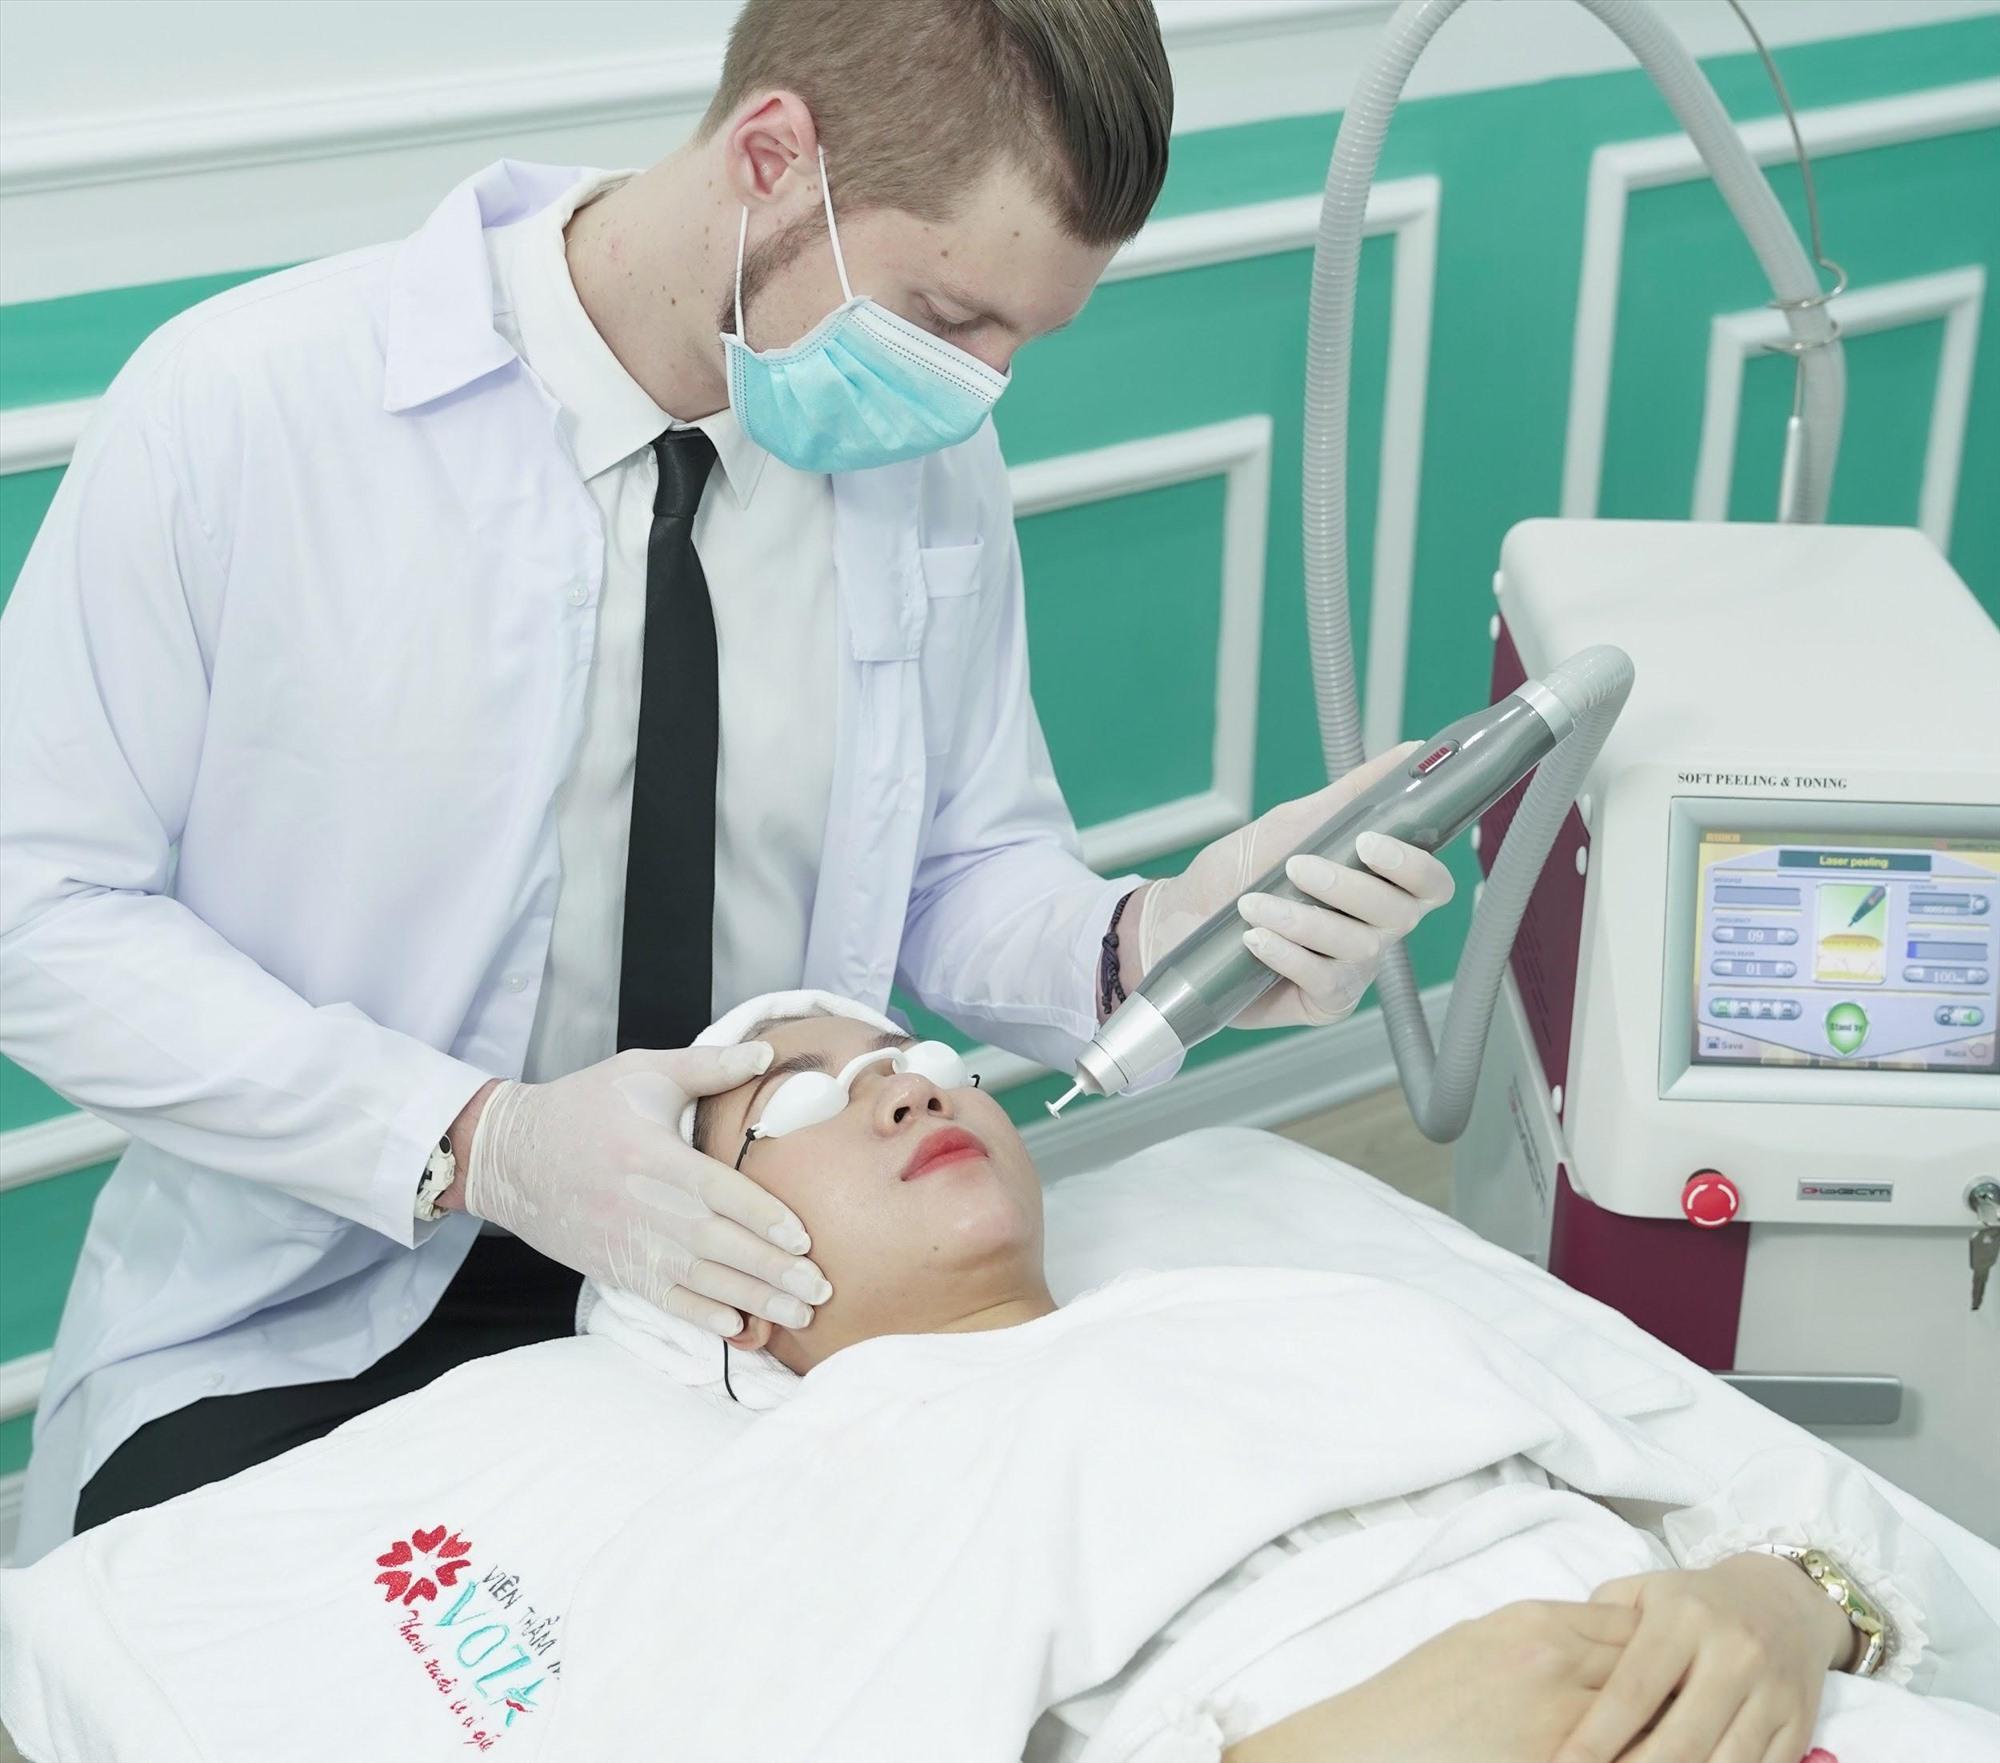 Chuyên gia tiến hành trị liệu nám da bằng công nghệ Melas Cell cho khách hàng